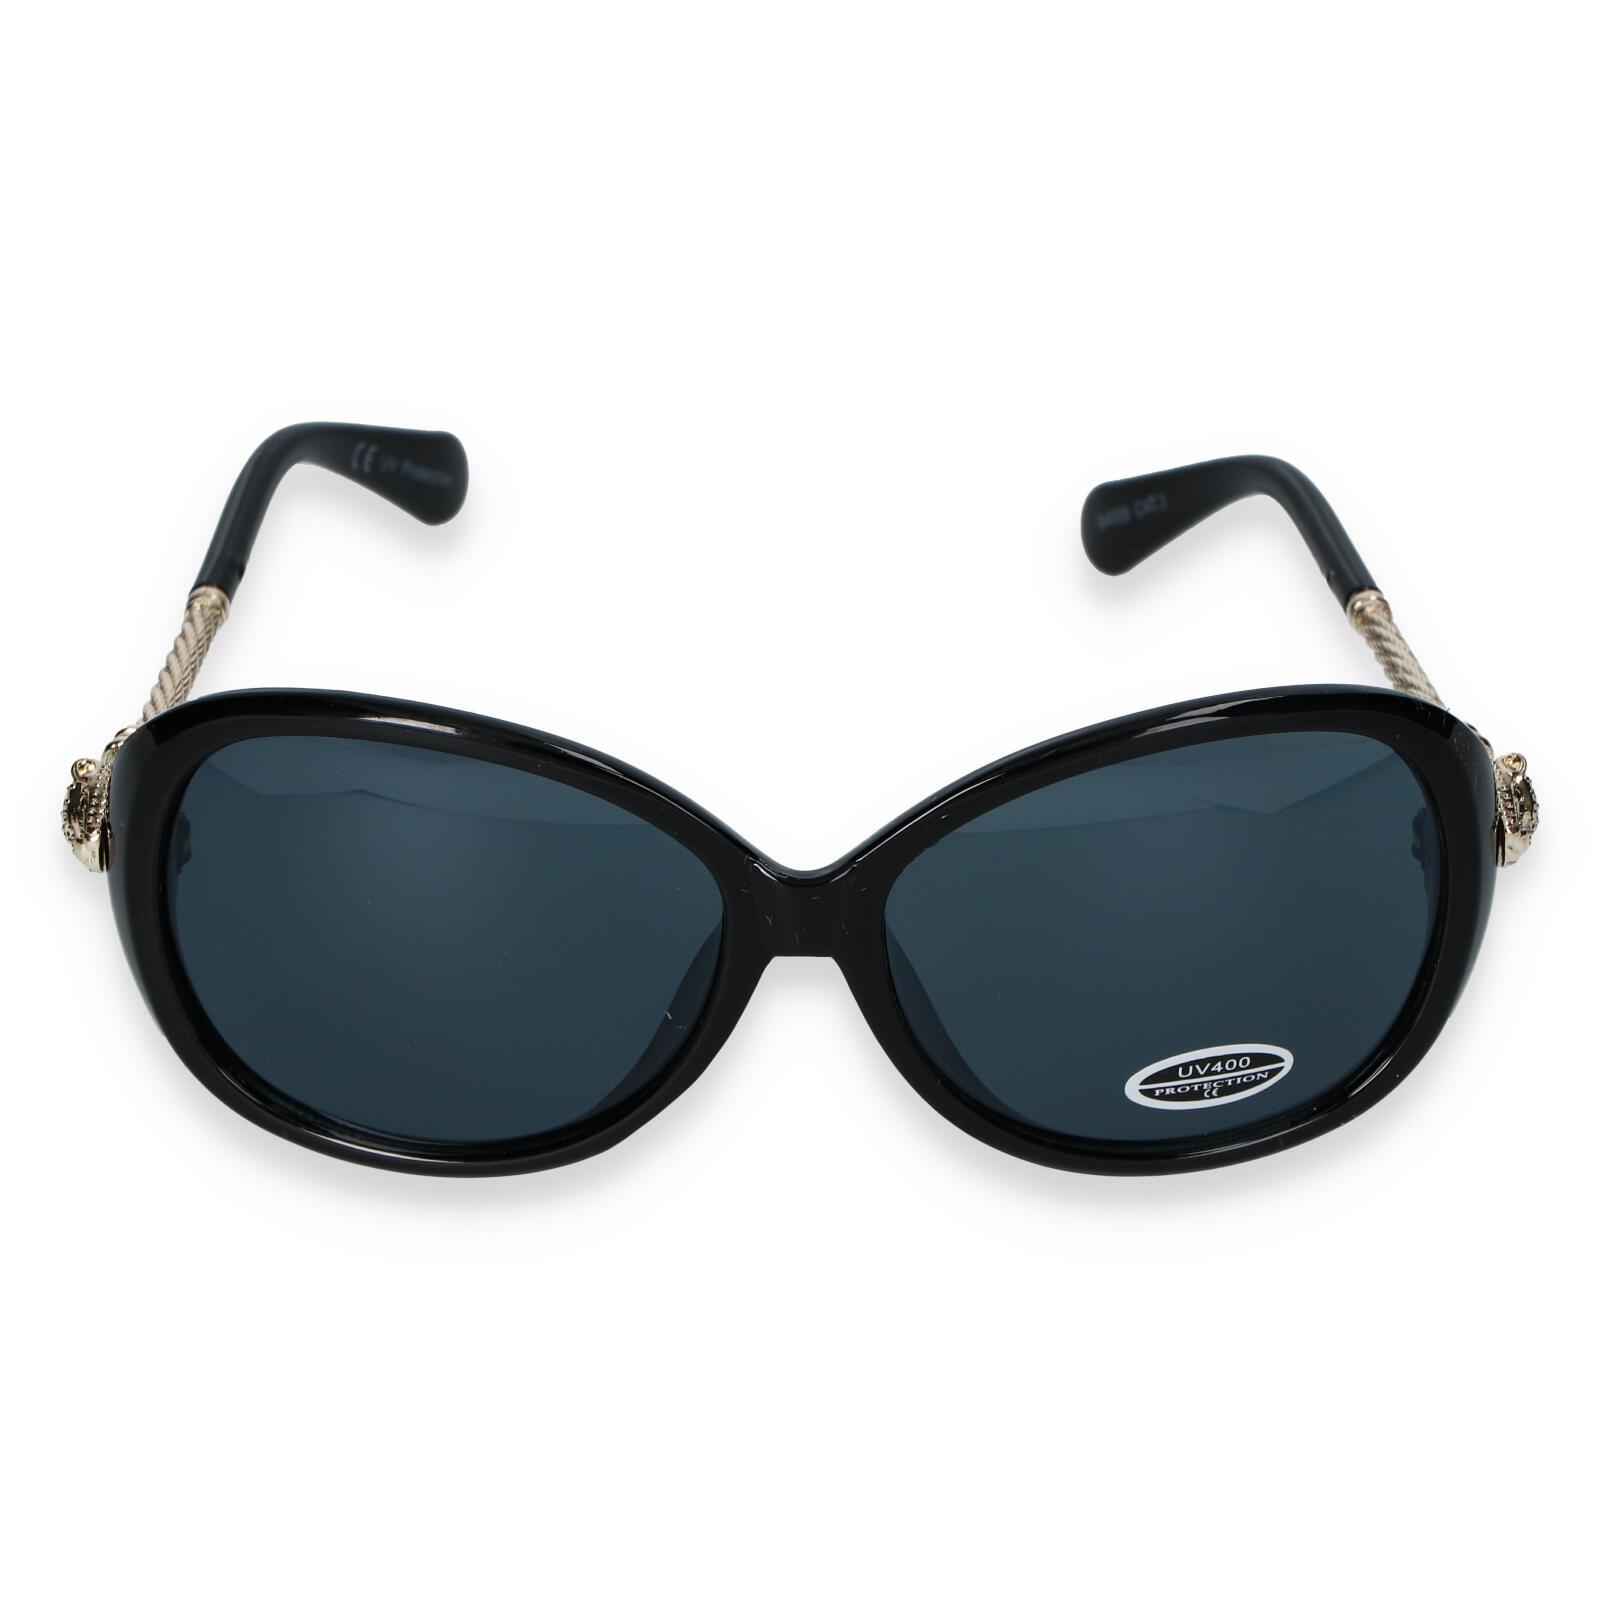 Dámske slnečné okuliare čierne - S8504